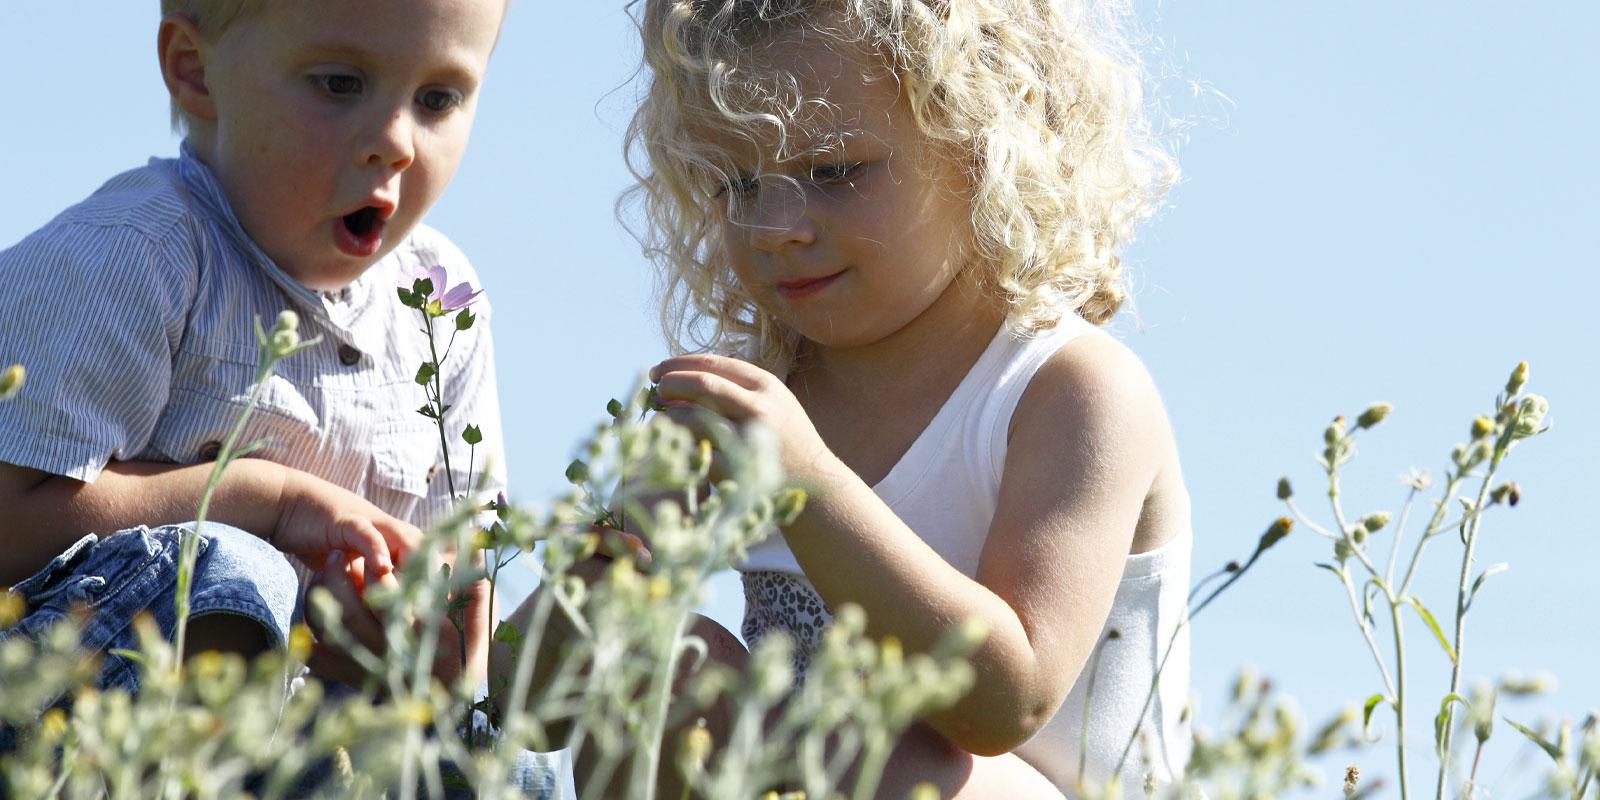 Comment bébé développe son super-pouvoir sensoriel pendant la période sensible du raffinement des sens de Montessori ? avec Wesco